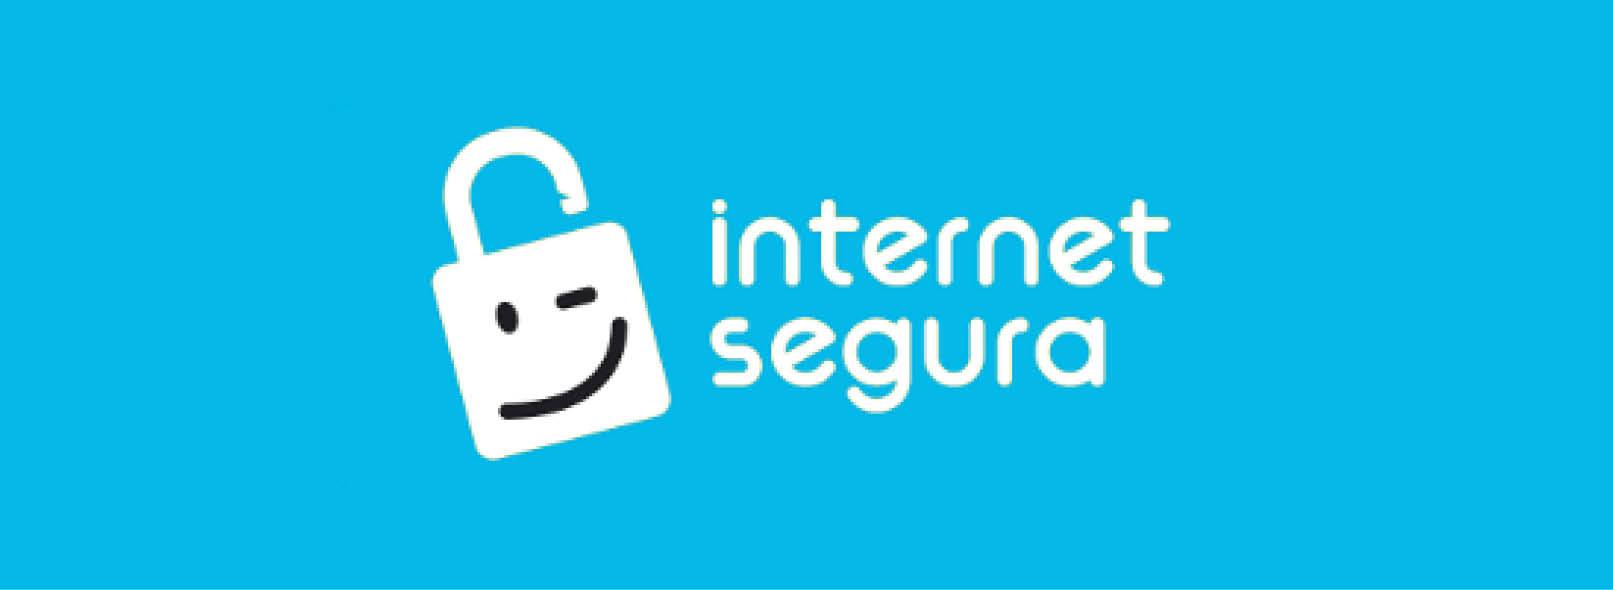 Internet Segura: 10 imprudencias que cometemos